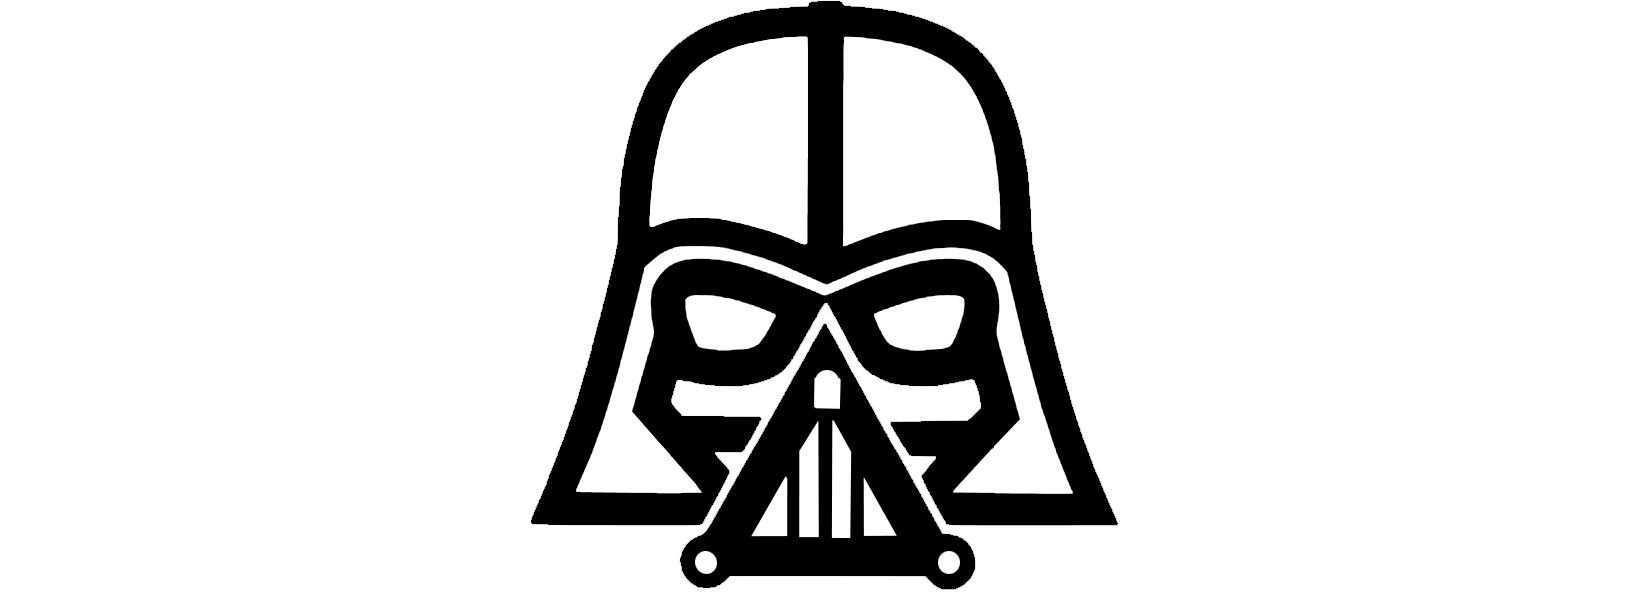 Star Wars Darth Vader Hat Yaratici Fikirler Cizimler Yaratici